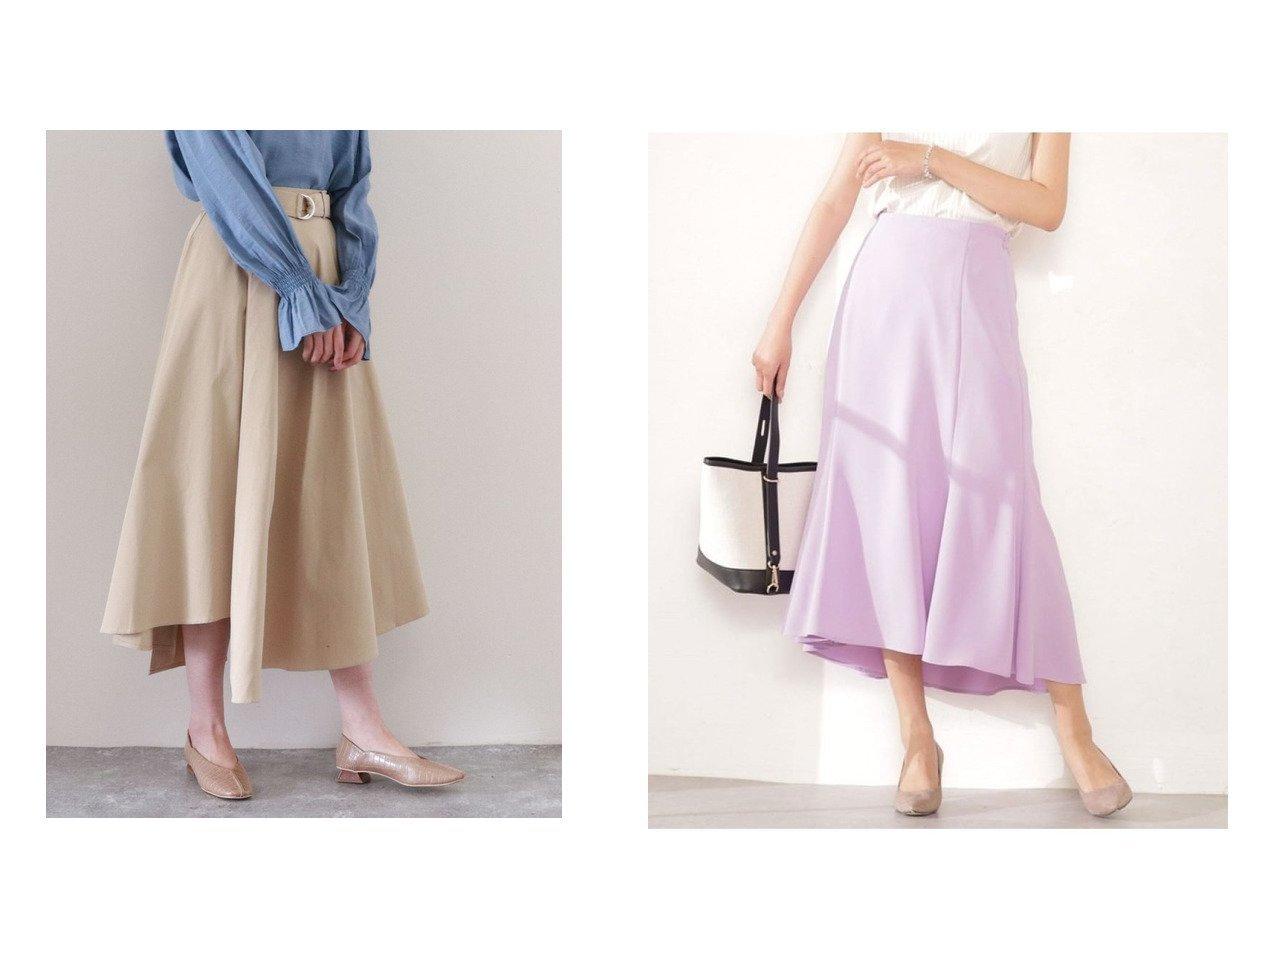 【nano universe/ナノ ユニバース】のWEB限定/マーメイドスカート&【archives/アルシーヴ】のイレギュラーヘムスカート 【スカート】おすすめ!人気、トレンド・レディースファッションの通販 おすすめで人気の流行・トレンド、ファッションの通販商品 メンズファッション・キッズファッション・インテリア・家具・レディースファッション・服の通販 founy(ファニー) https://founy.com/ ファッション Fashion レディースファッション WOMEN スカート Skirt ロングスカート Long Skirt おすすめ Recommend イレギュラーヘム ツイル フレア ロング ワンポイント ウォッシャブル シンプル ダブル ヘムライン マーメイド 長袖 |ID:crp329100000035447